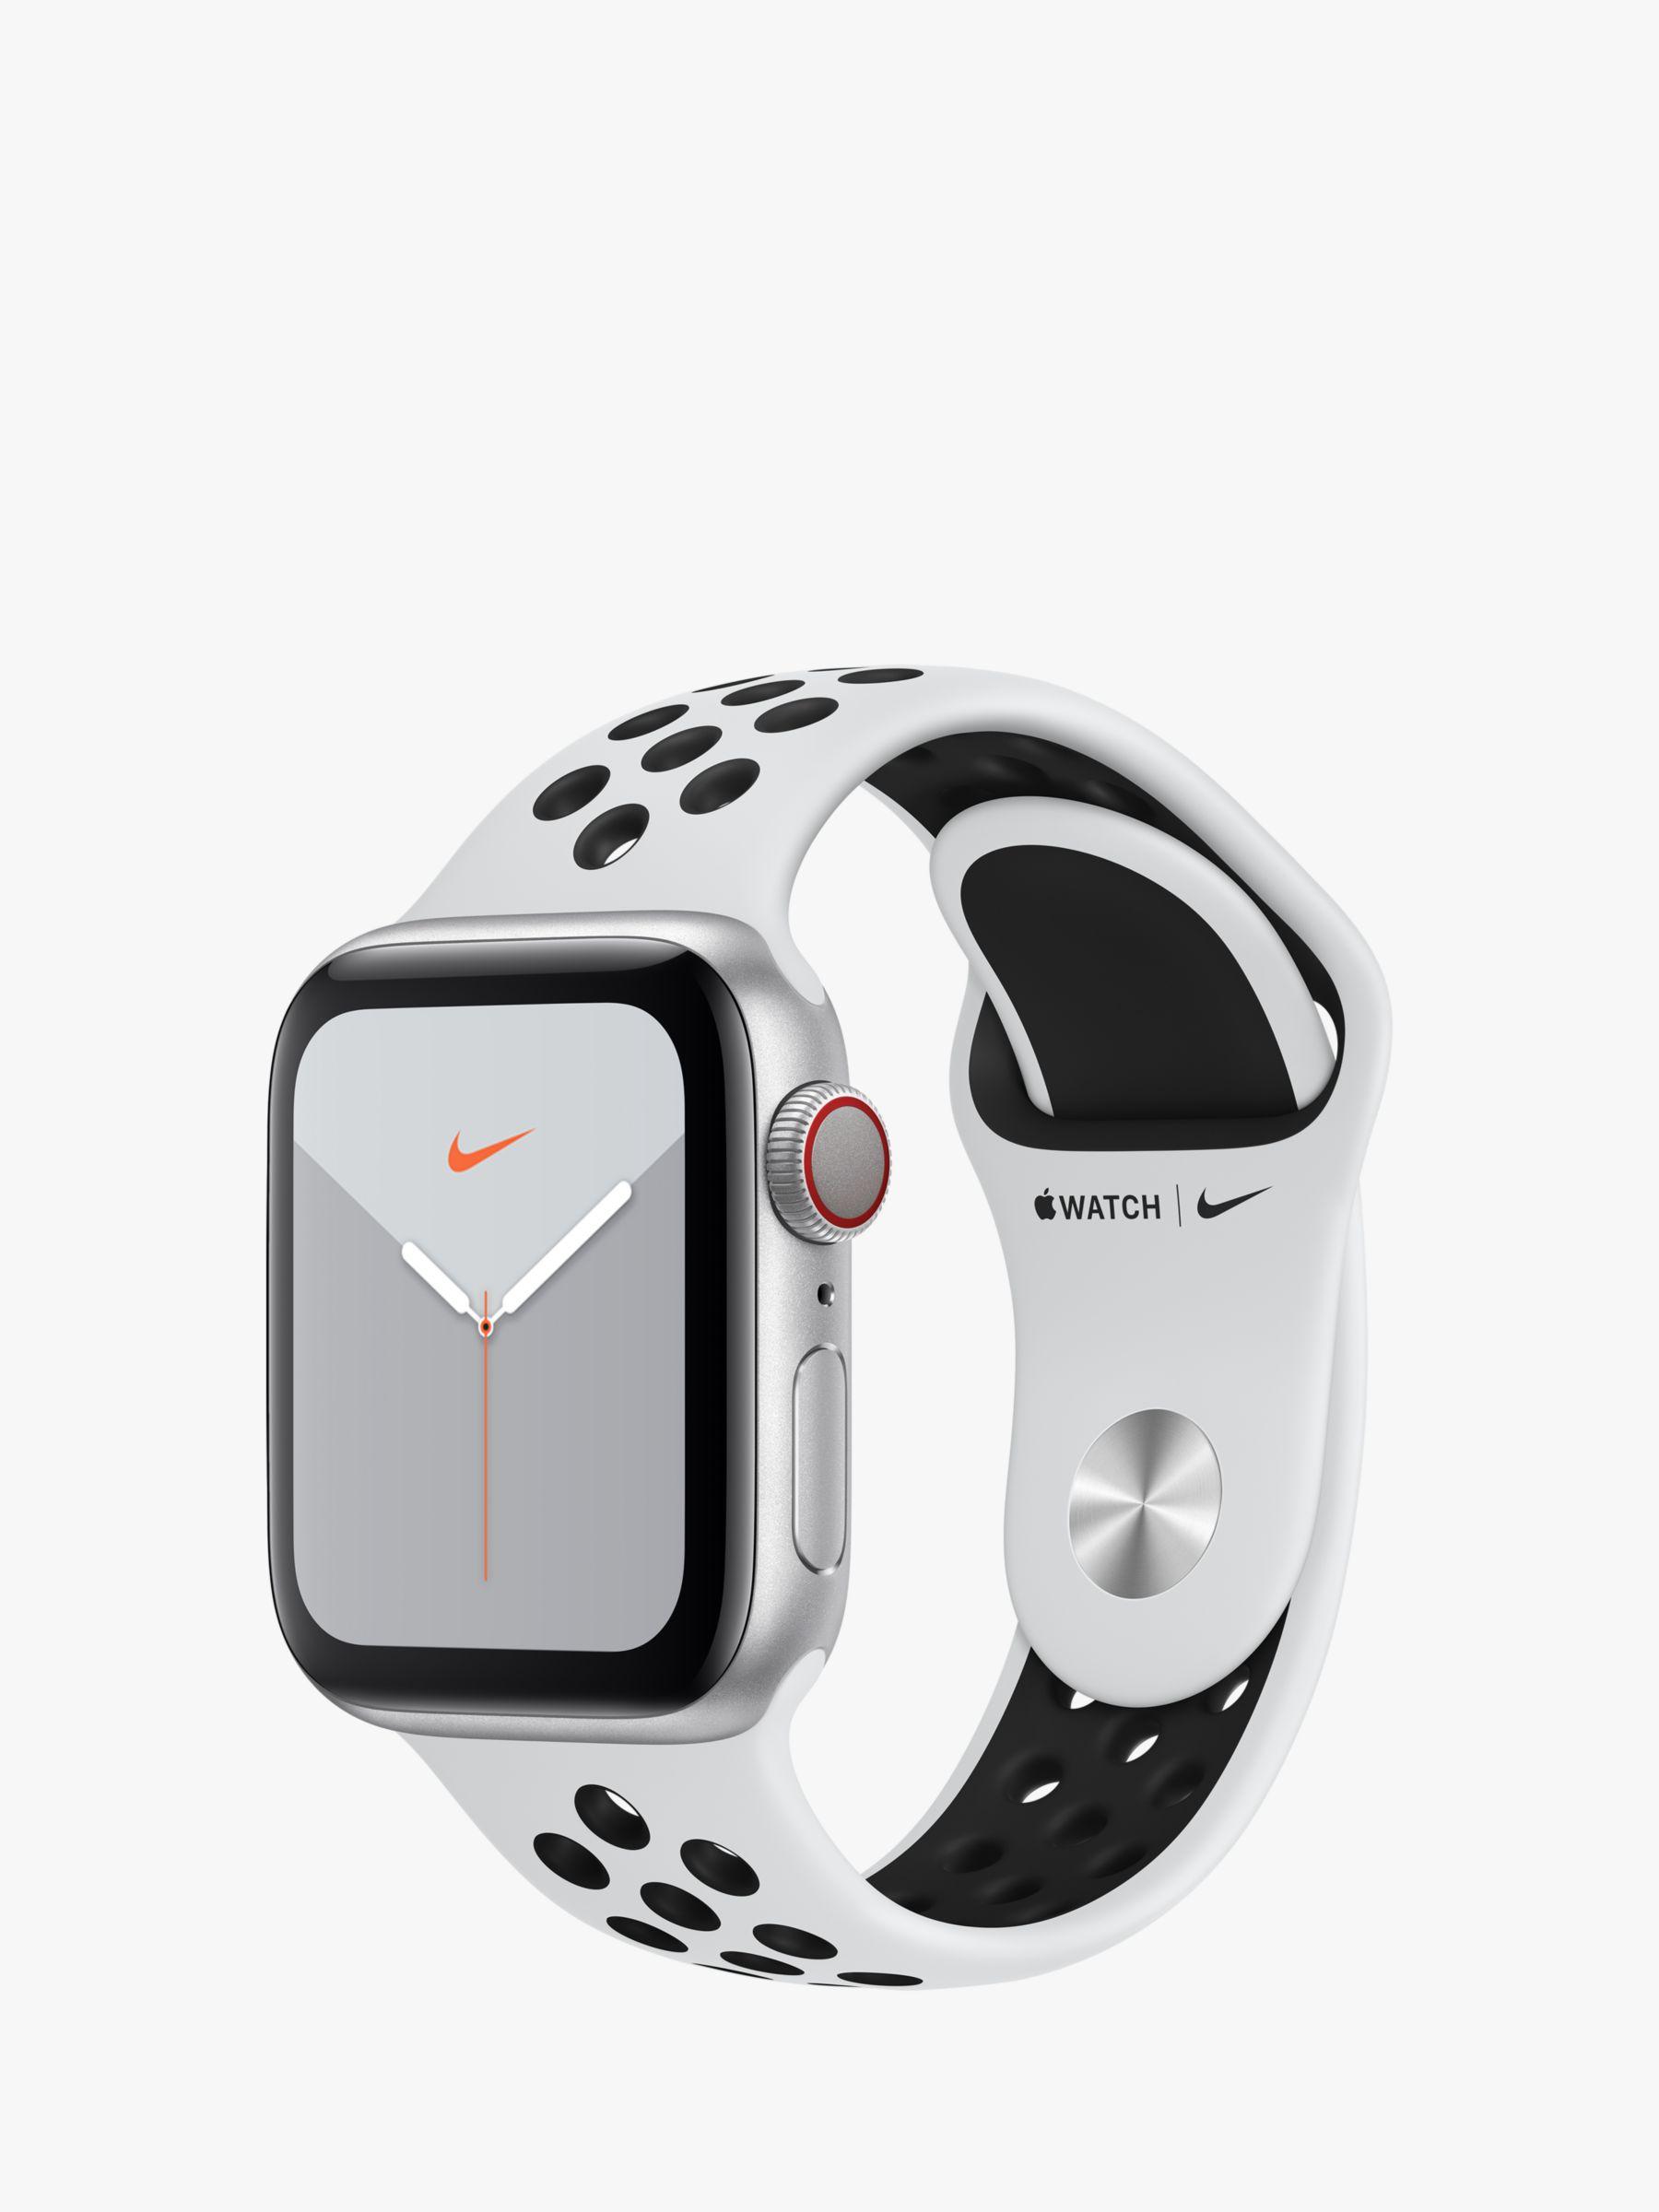 Apple Watch Series 5 (Nike+, GPS, 40 mm